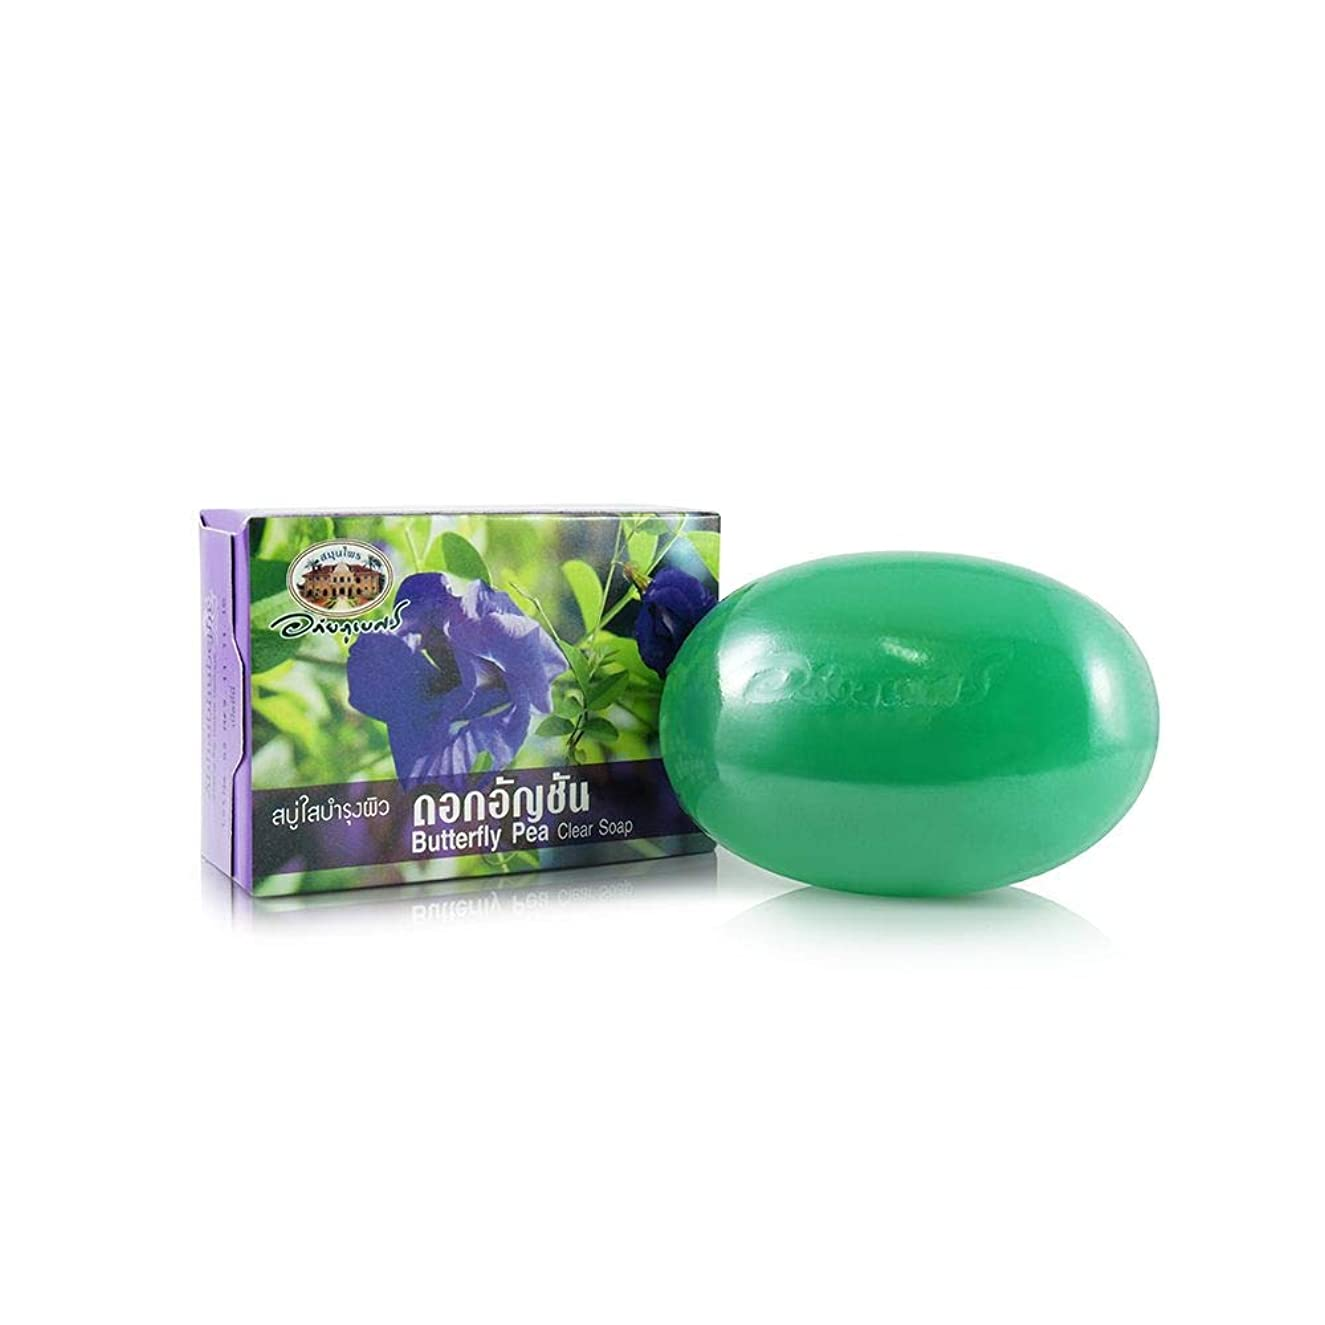 誤って二週間同盟Abhaibhubejhr Pea Flowers Vitamin E Herbal Body Cleaning Soap 100g. Abhaibhubejhrピー花ビタミンEハーブボディクリーニングソープ100グラム。